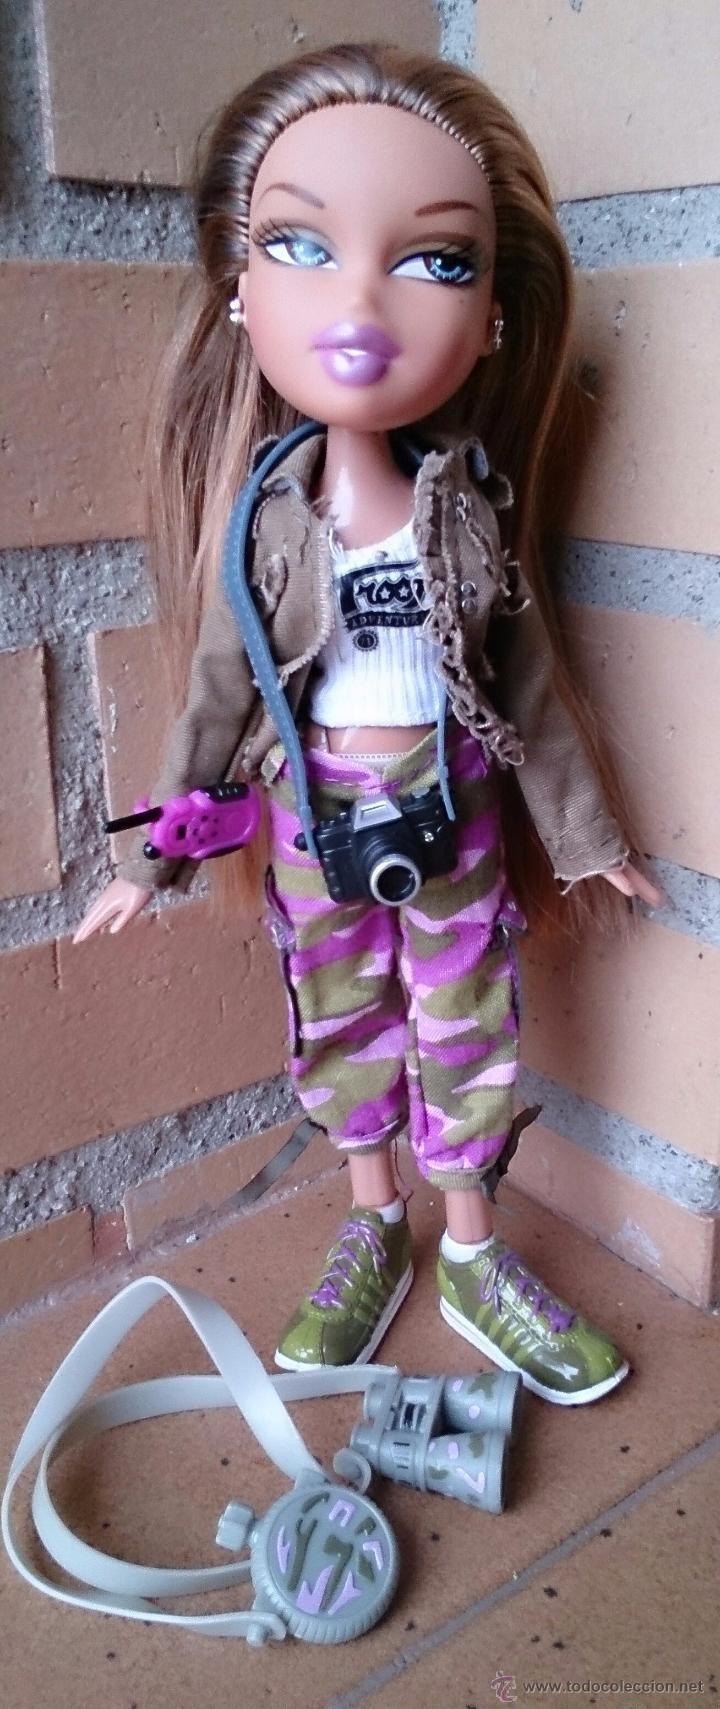 MUÑECA BRATZ ADVENTURE GIRLZ SERIES YASMIN (Juguetes - Muñeca Extranjera Moderna - Otras Muñecas)